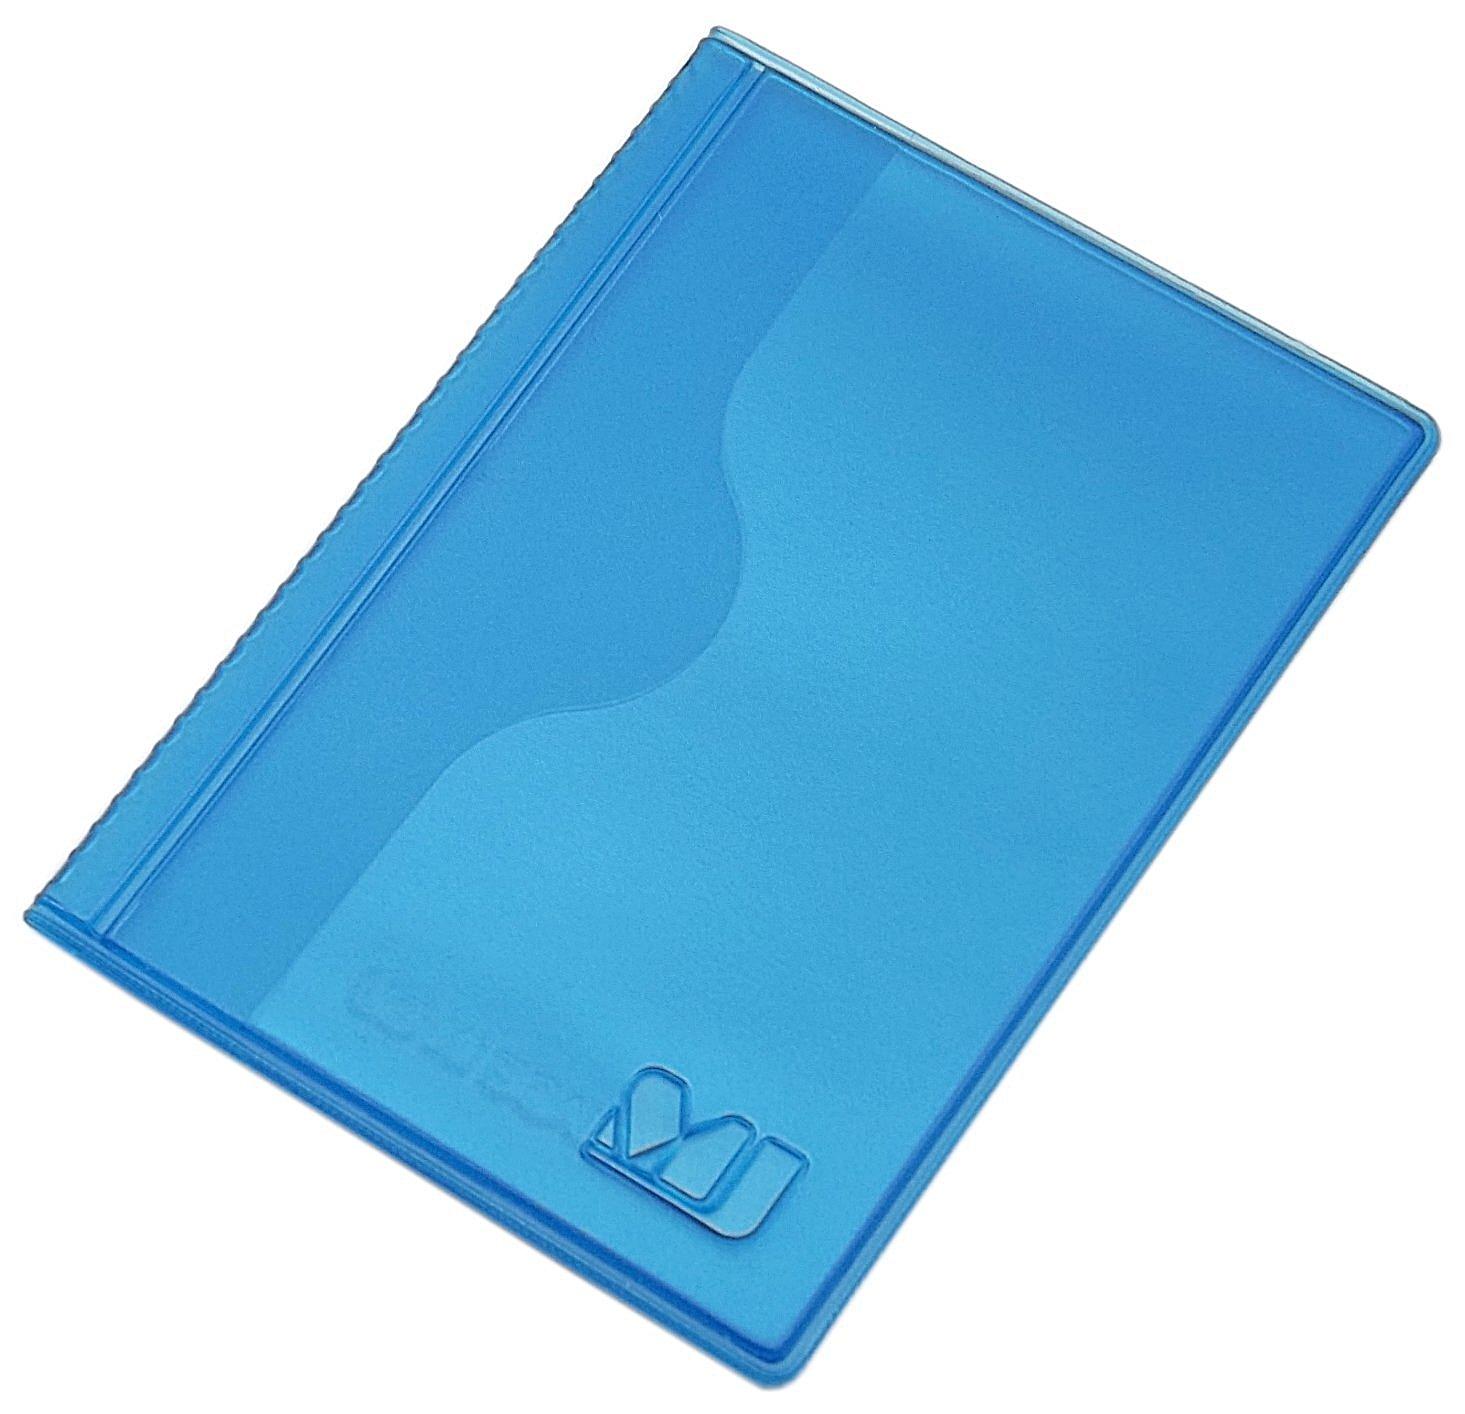 Kleines Kredit- und Visitenkartenetui 2 Fächer MJ-Design-Germany in verschiedenen trendigen Farben Made in EU (Blau)